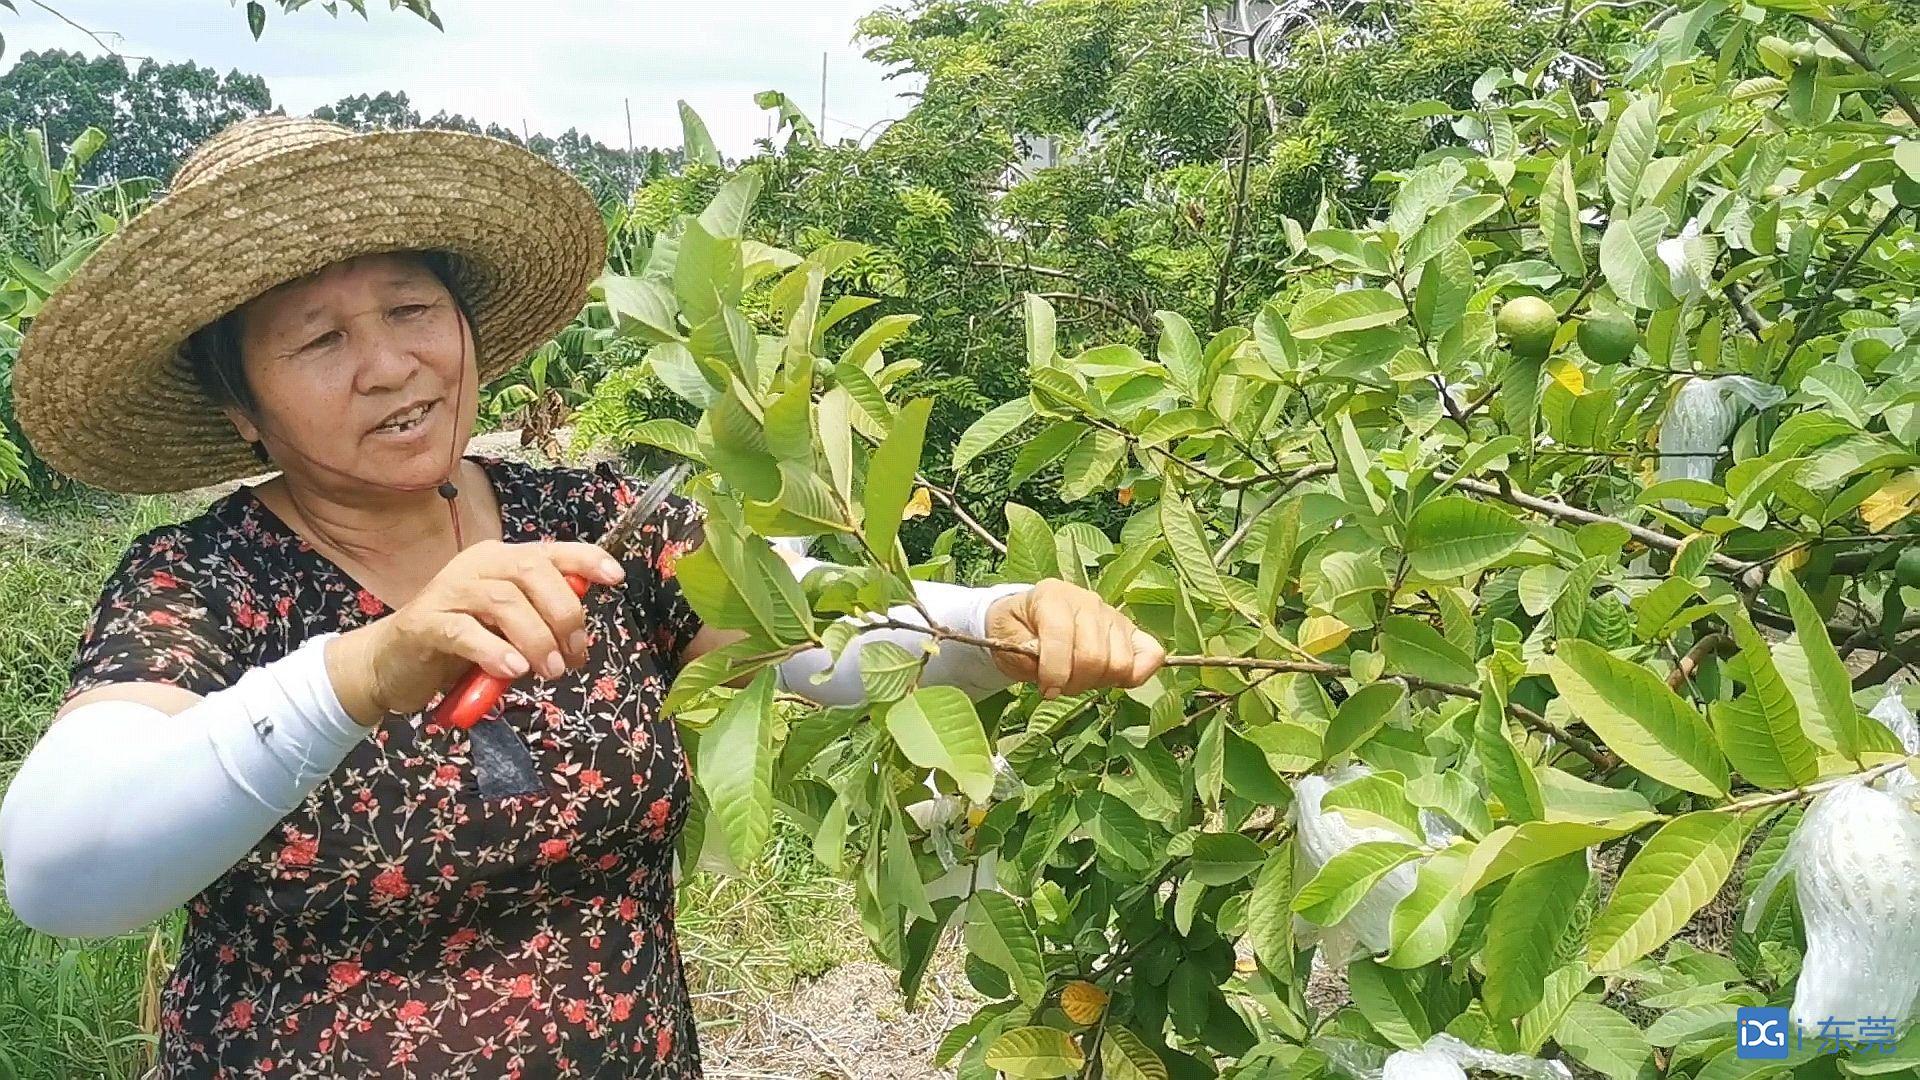 走向我们的小康生活|新型职业农民:从蕉农向新型职业农民转变 一手打造现实版开心农场